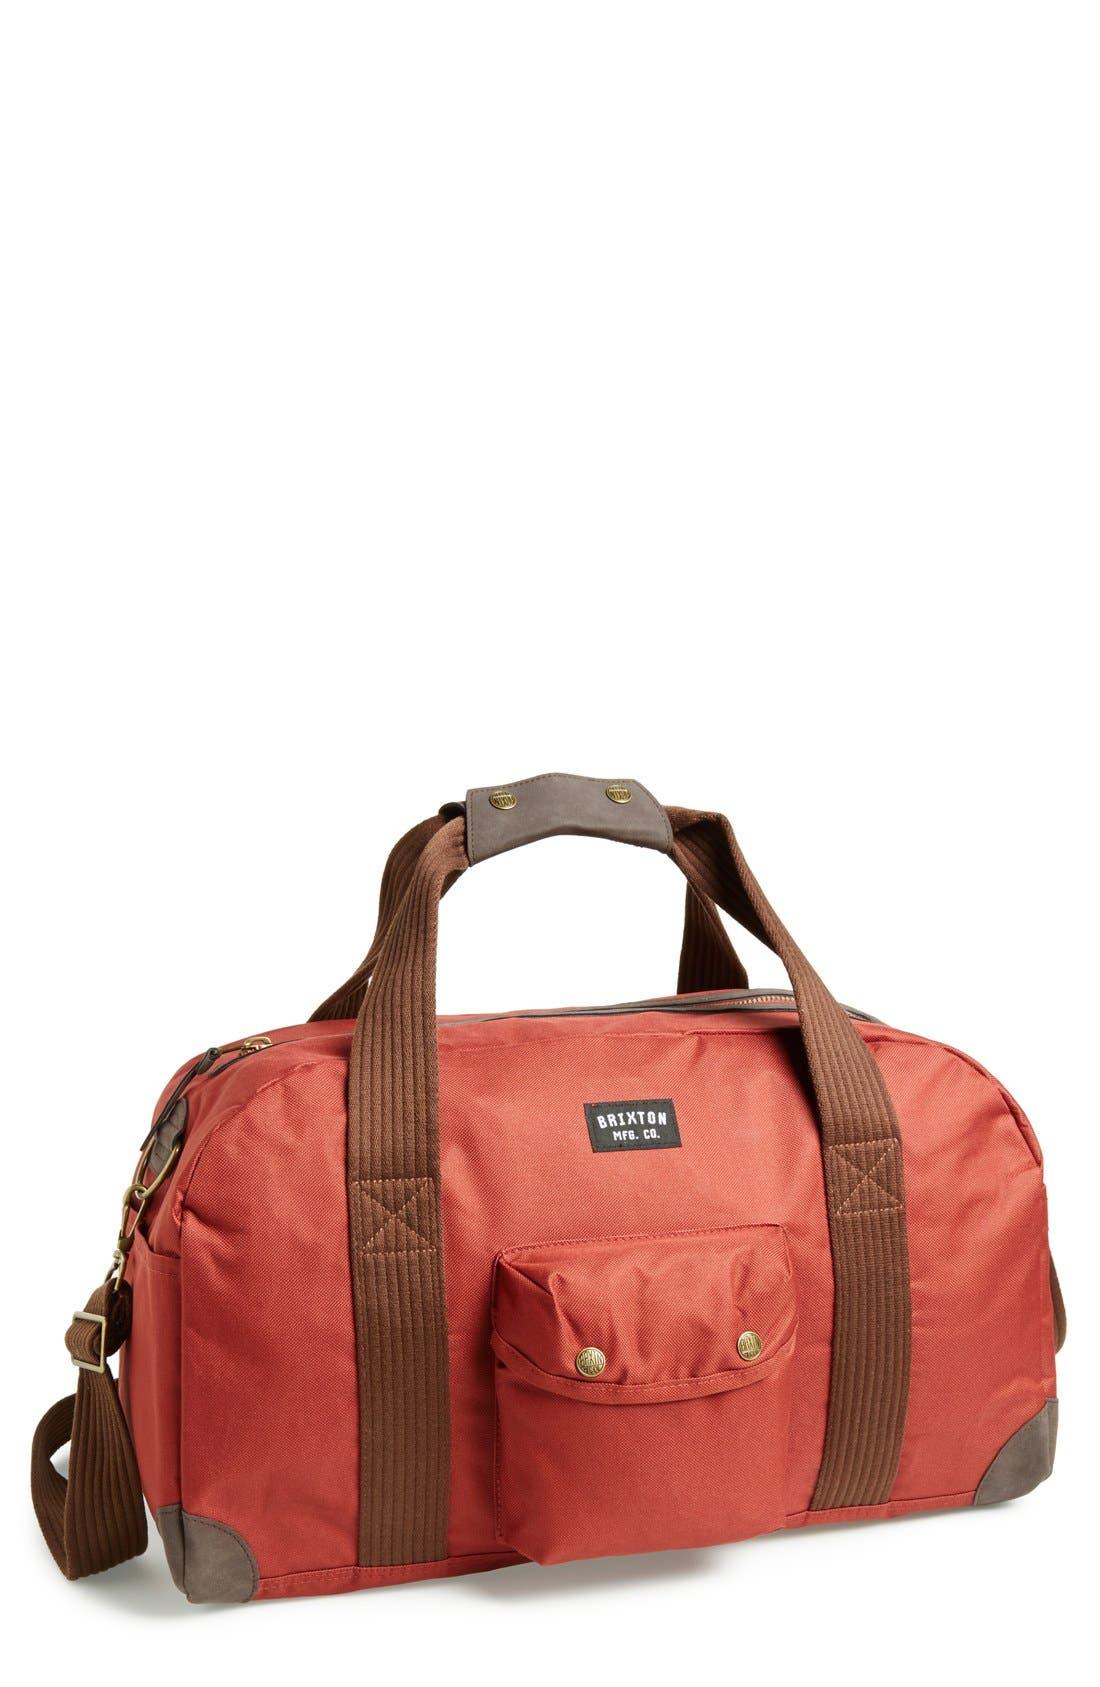 Alternate Image 1 Selected - Brixton 'Vagrant' Duffel Bag